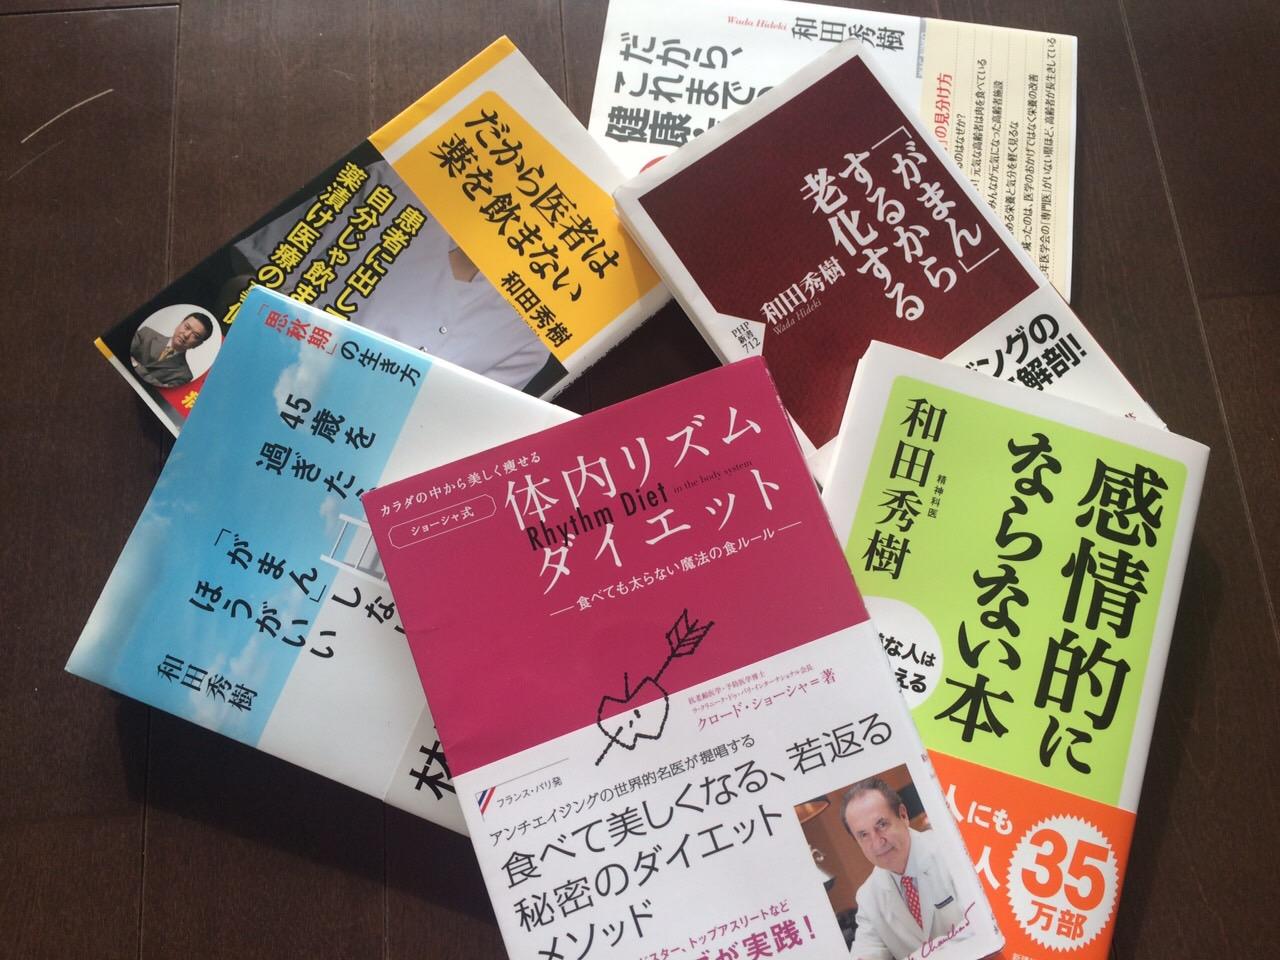 ショーシャ先生の『体内リズムダイエット』と和田先生の著書。どれも更年期世代の心と体の悩みに答えてくれる内容だ